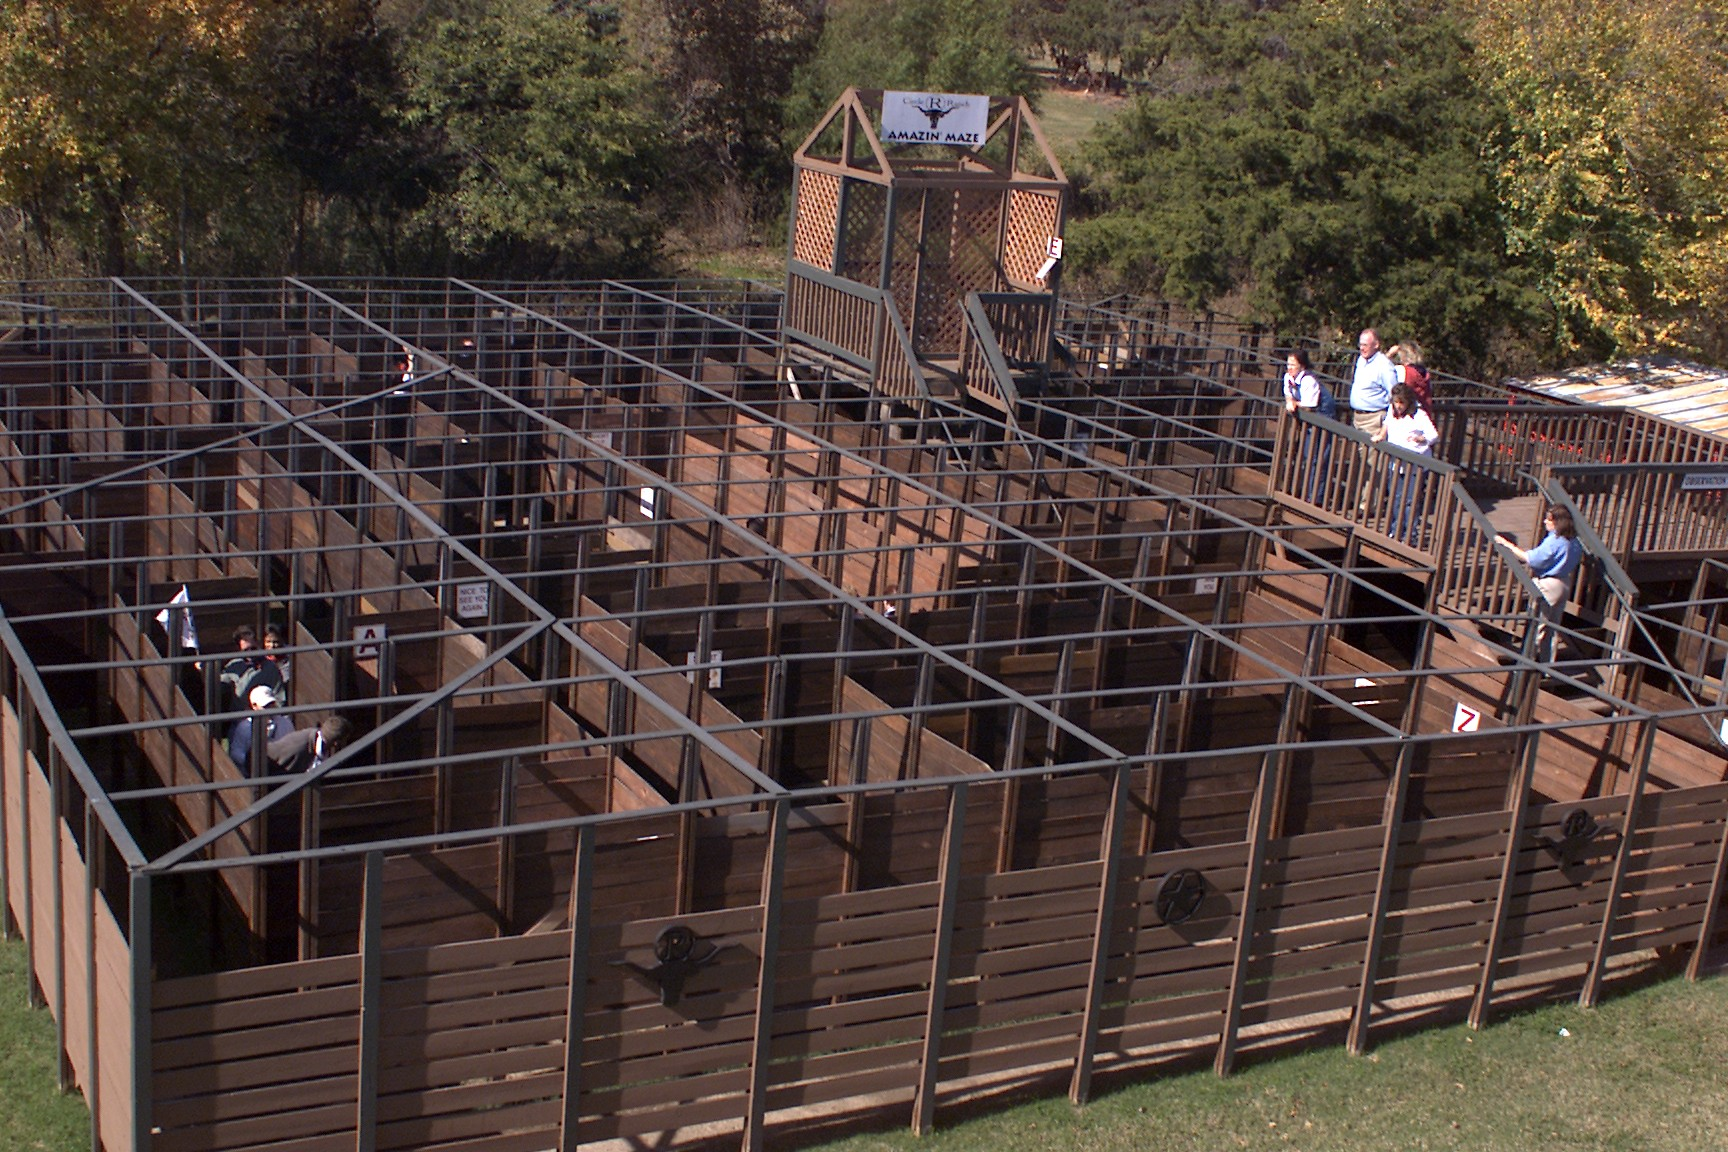 Amazin Maze  for Company Picnic at Circl